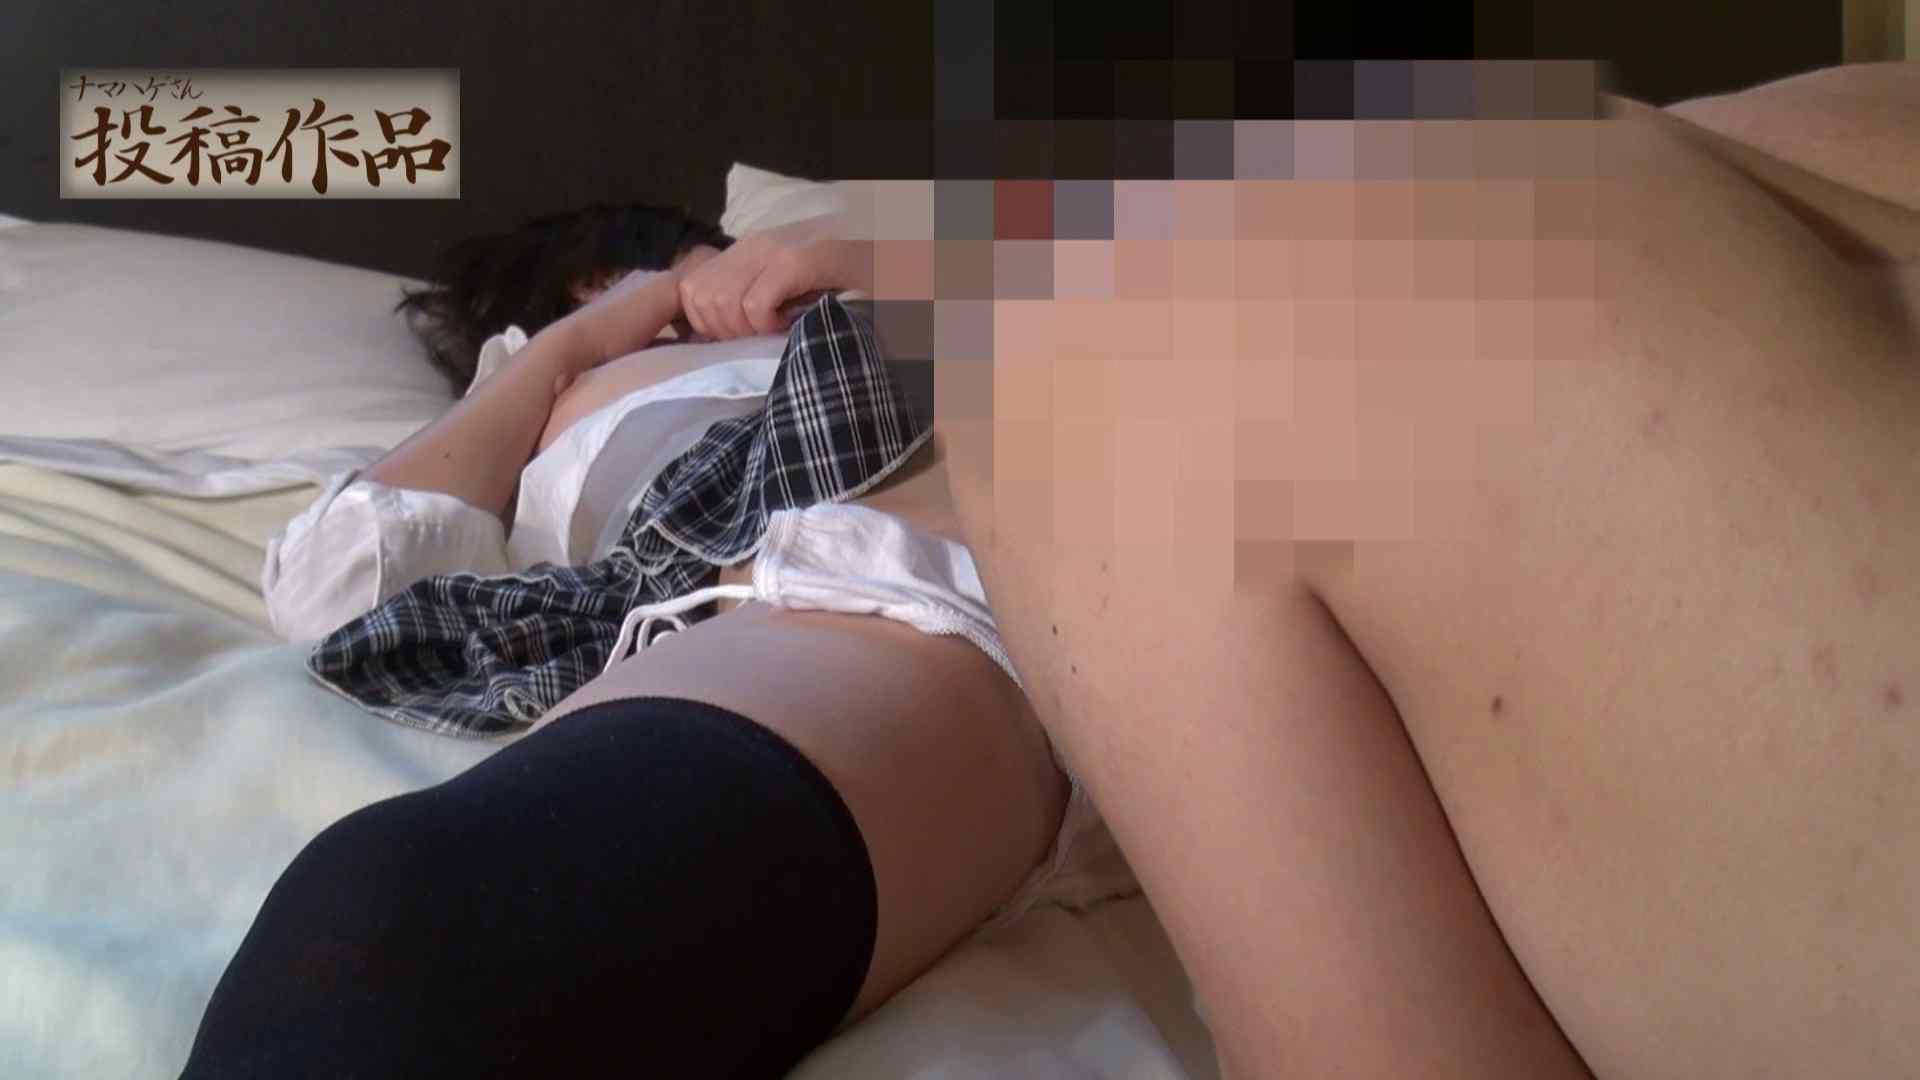 ナマハゲさんのまんこコレクション第二章 mifuyu02 モデルのエロ生活 SEX無修正画像 99連発 26